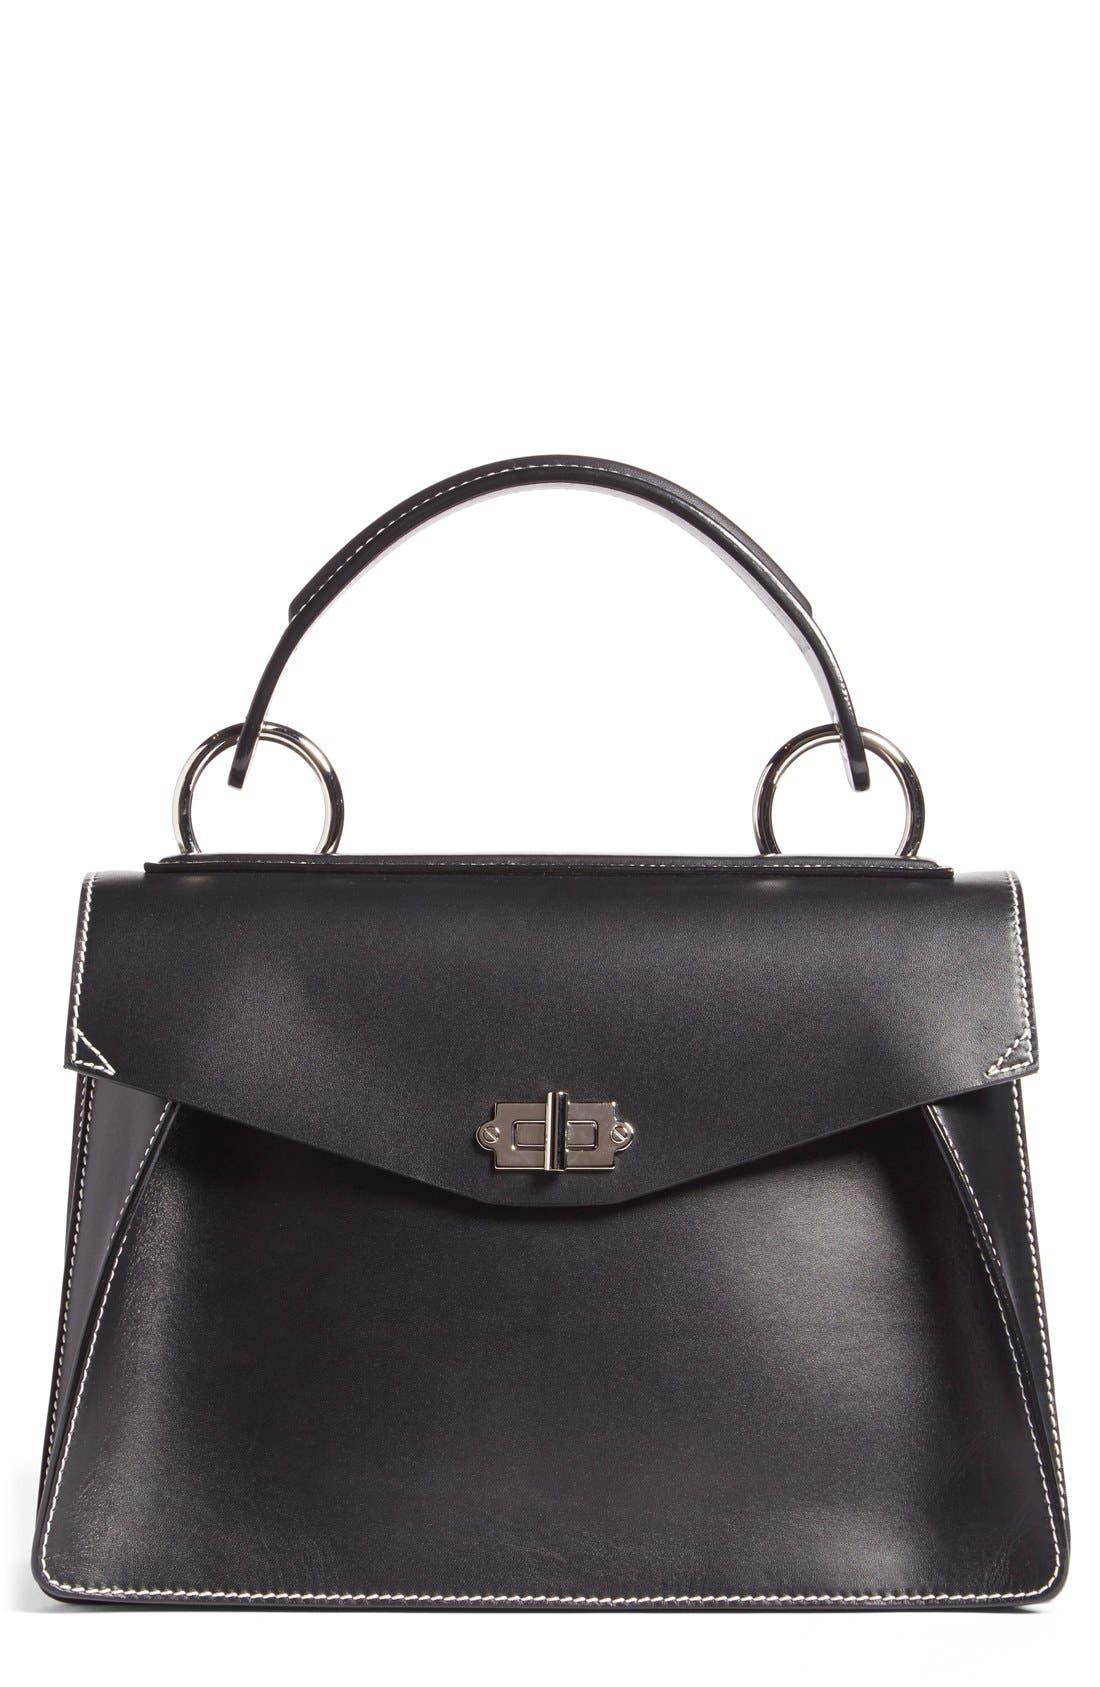 Alternate Image 1 Selected - Proenza Schouler 'Medium Hava' Top Handle Calfskin Leather Satchel